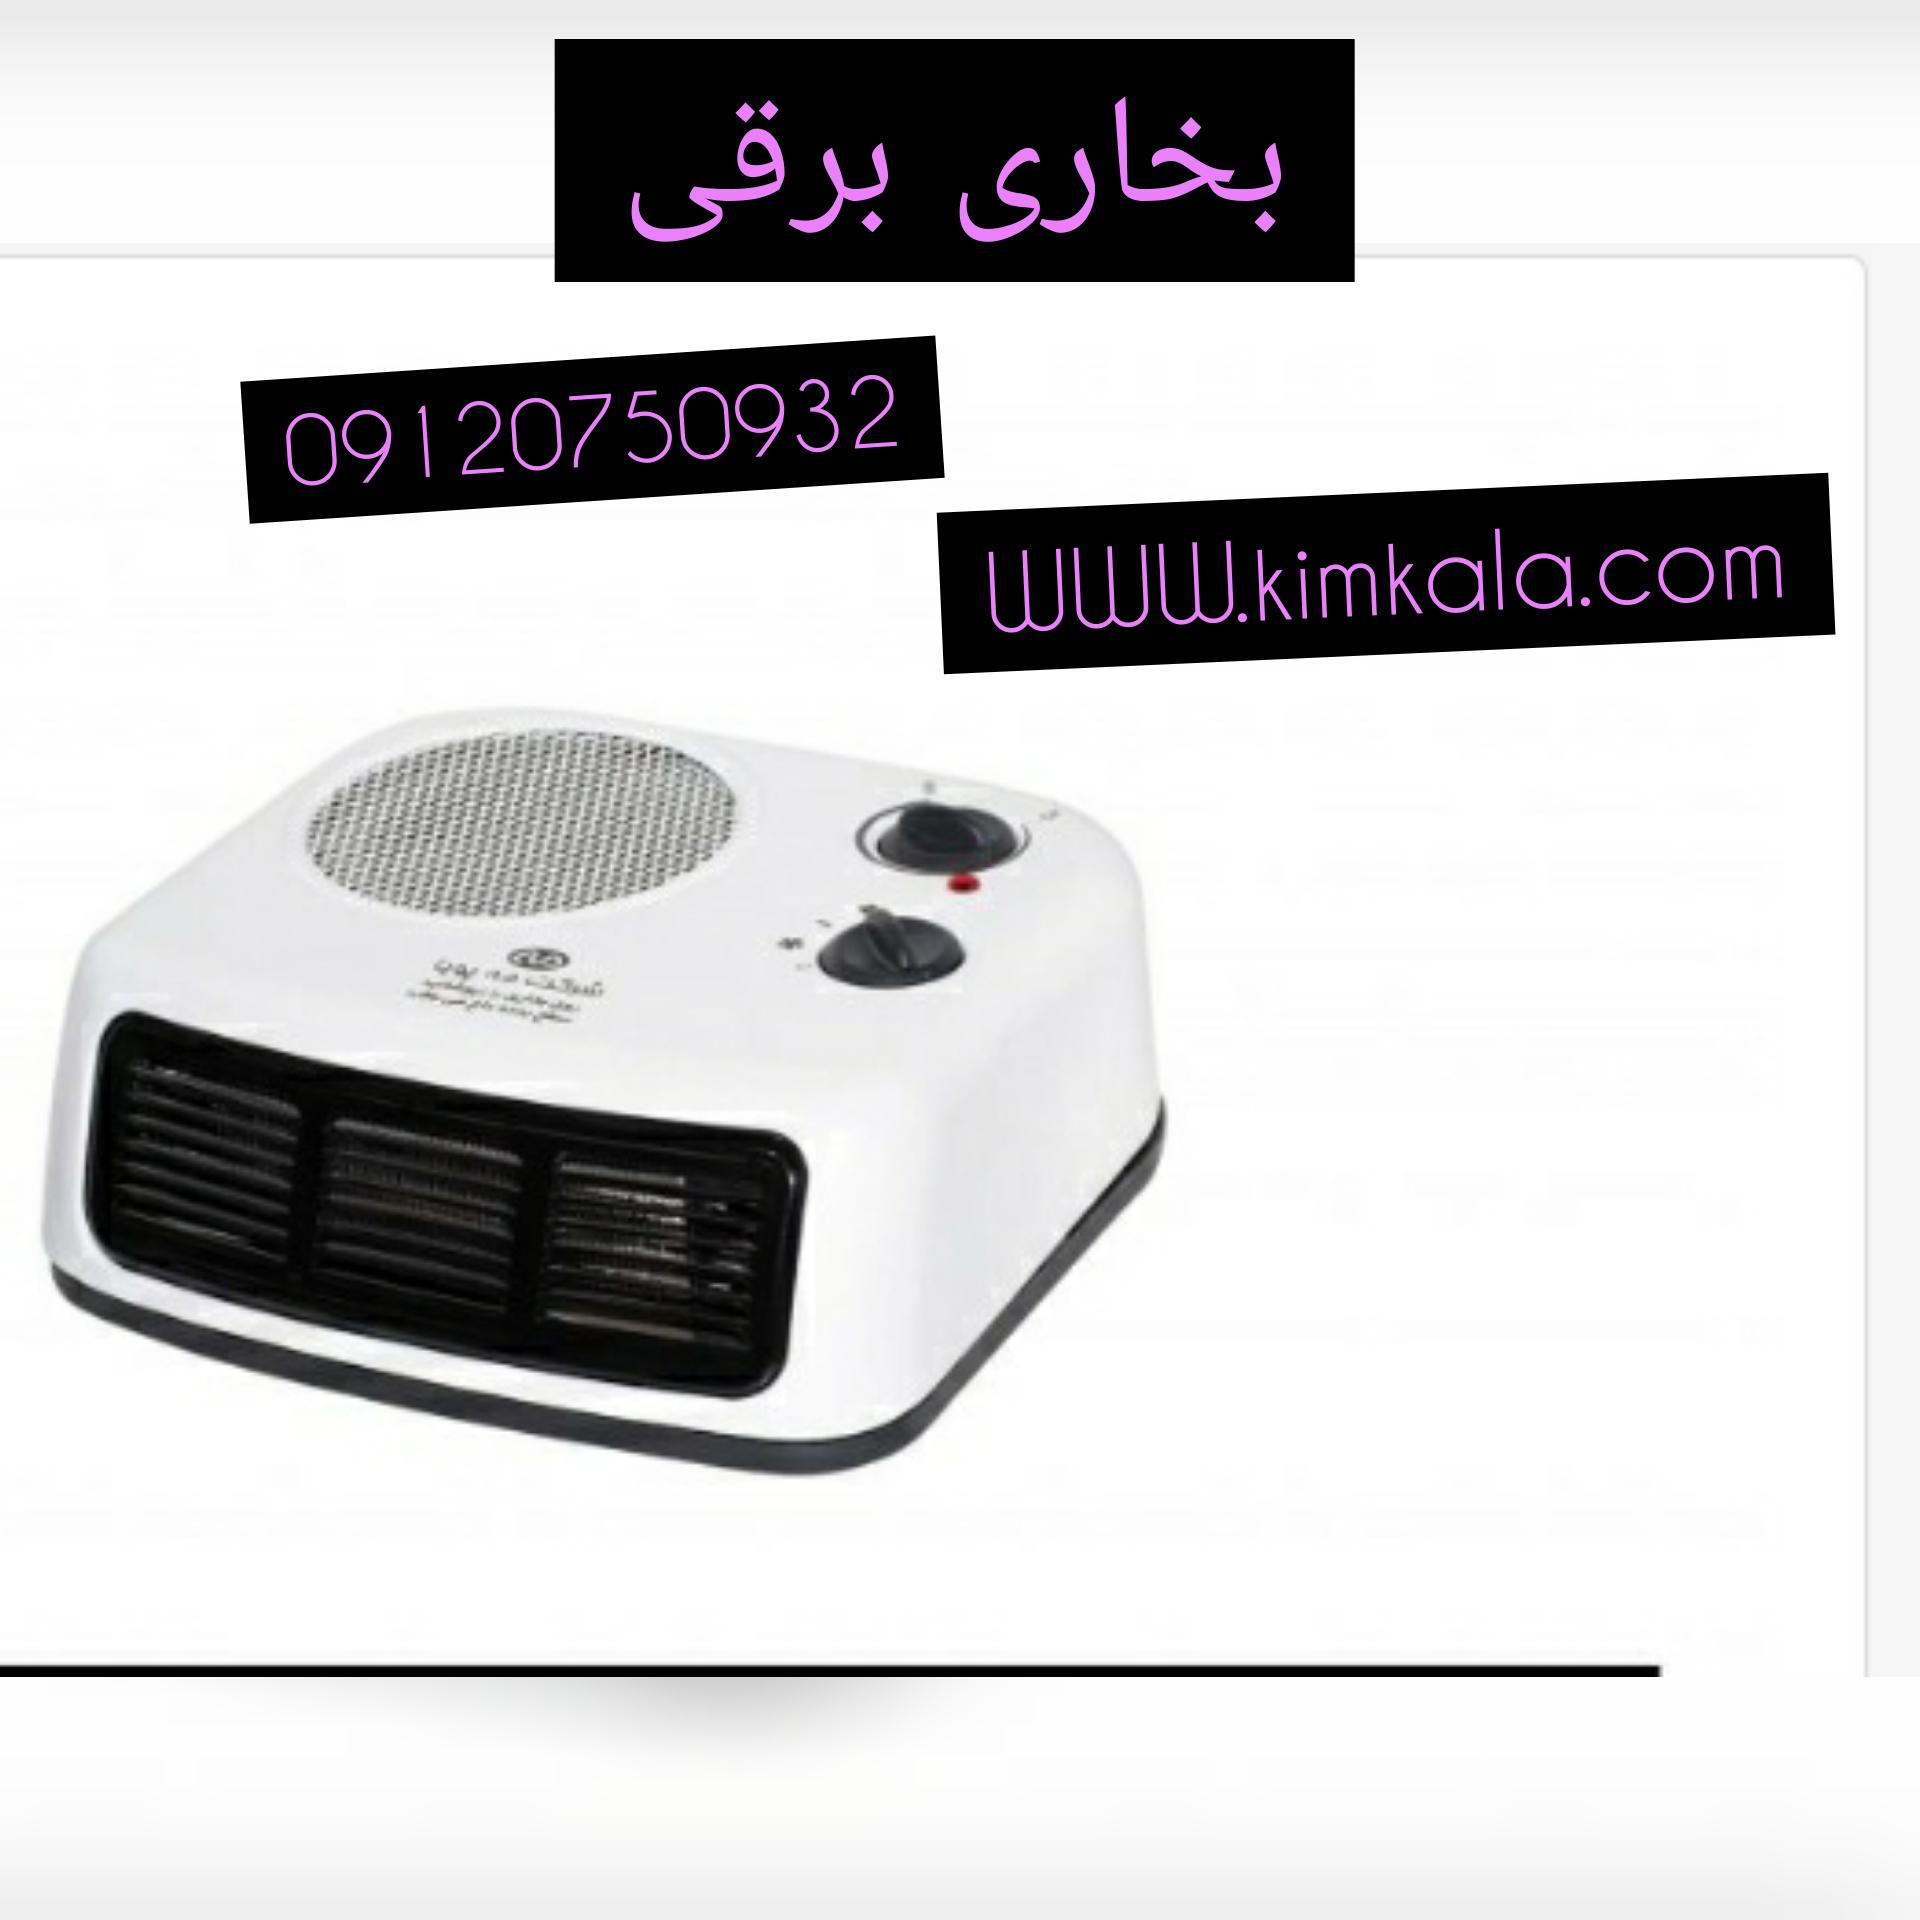 بخاری برقی رومیزی مه پویا/09120750932/بهترین سیستم گرمایشی